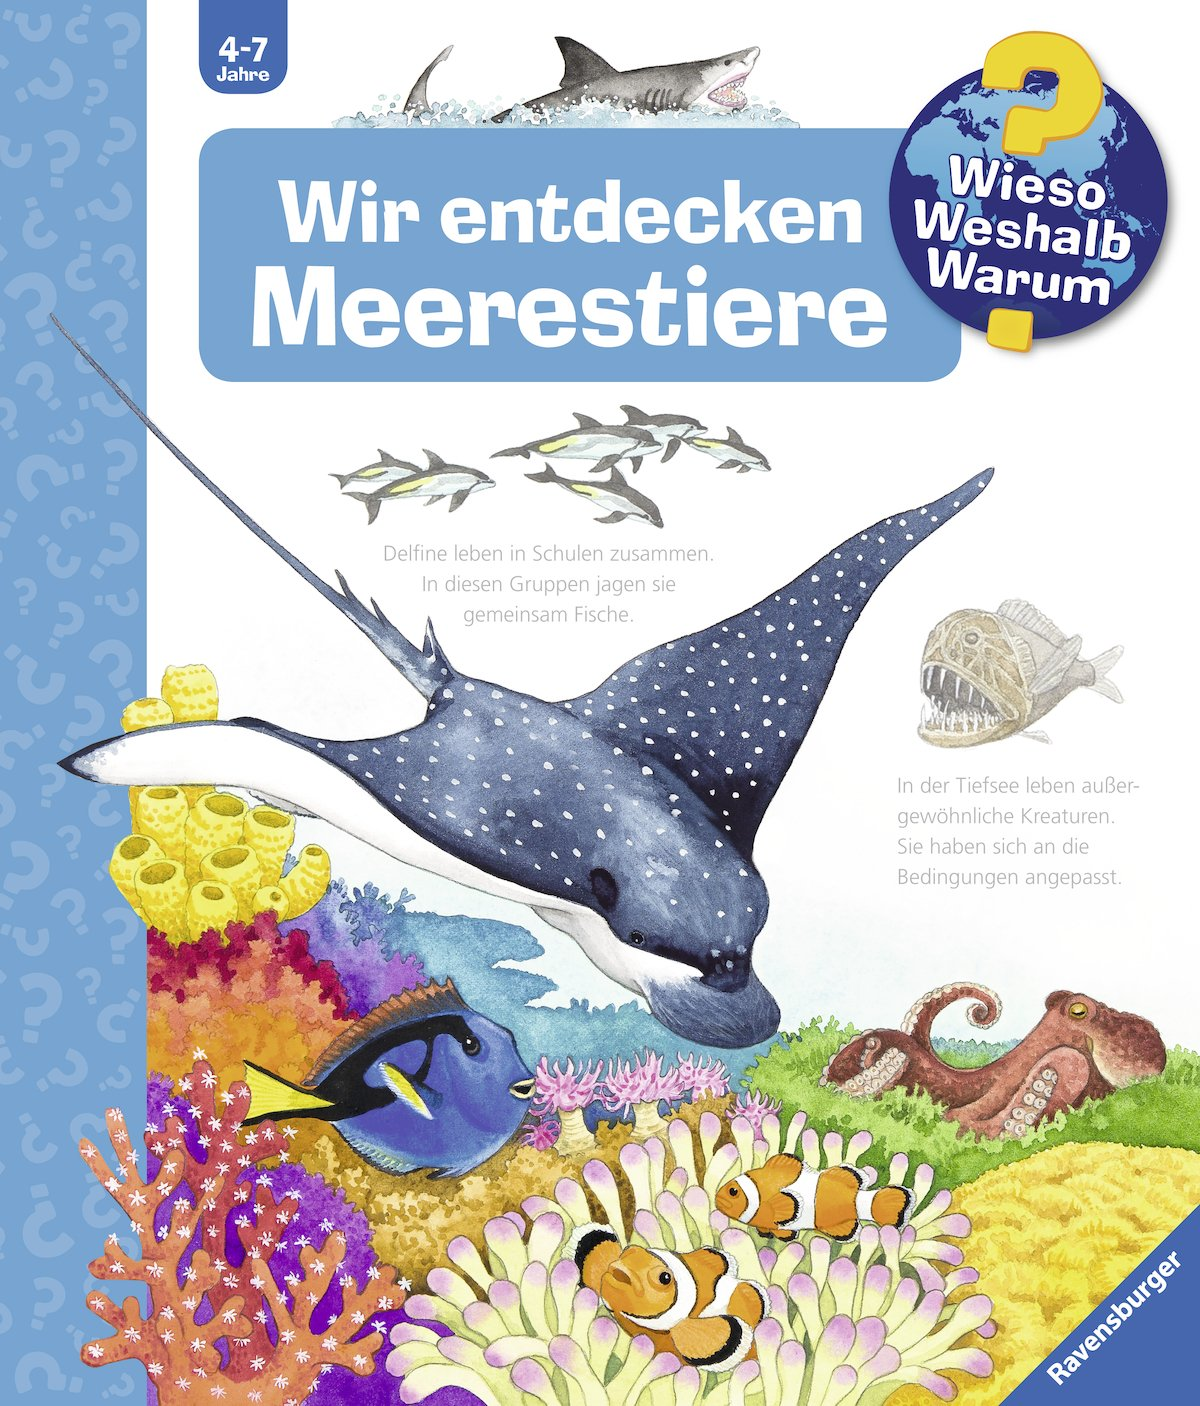 Berühmt Meeresbewohner Färbung Galerie - Malvorlagen-Ideen ...